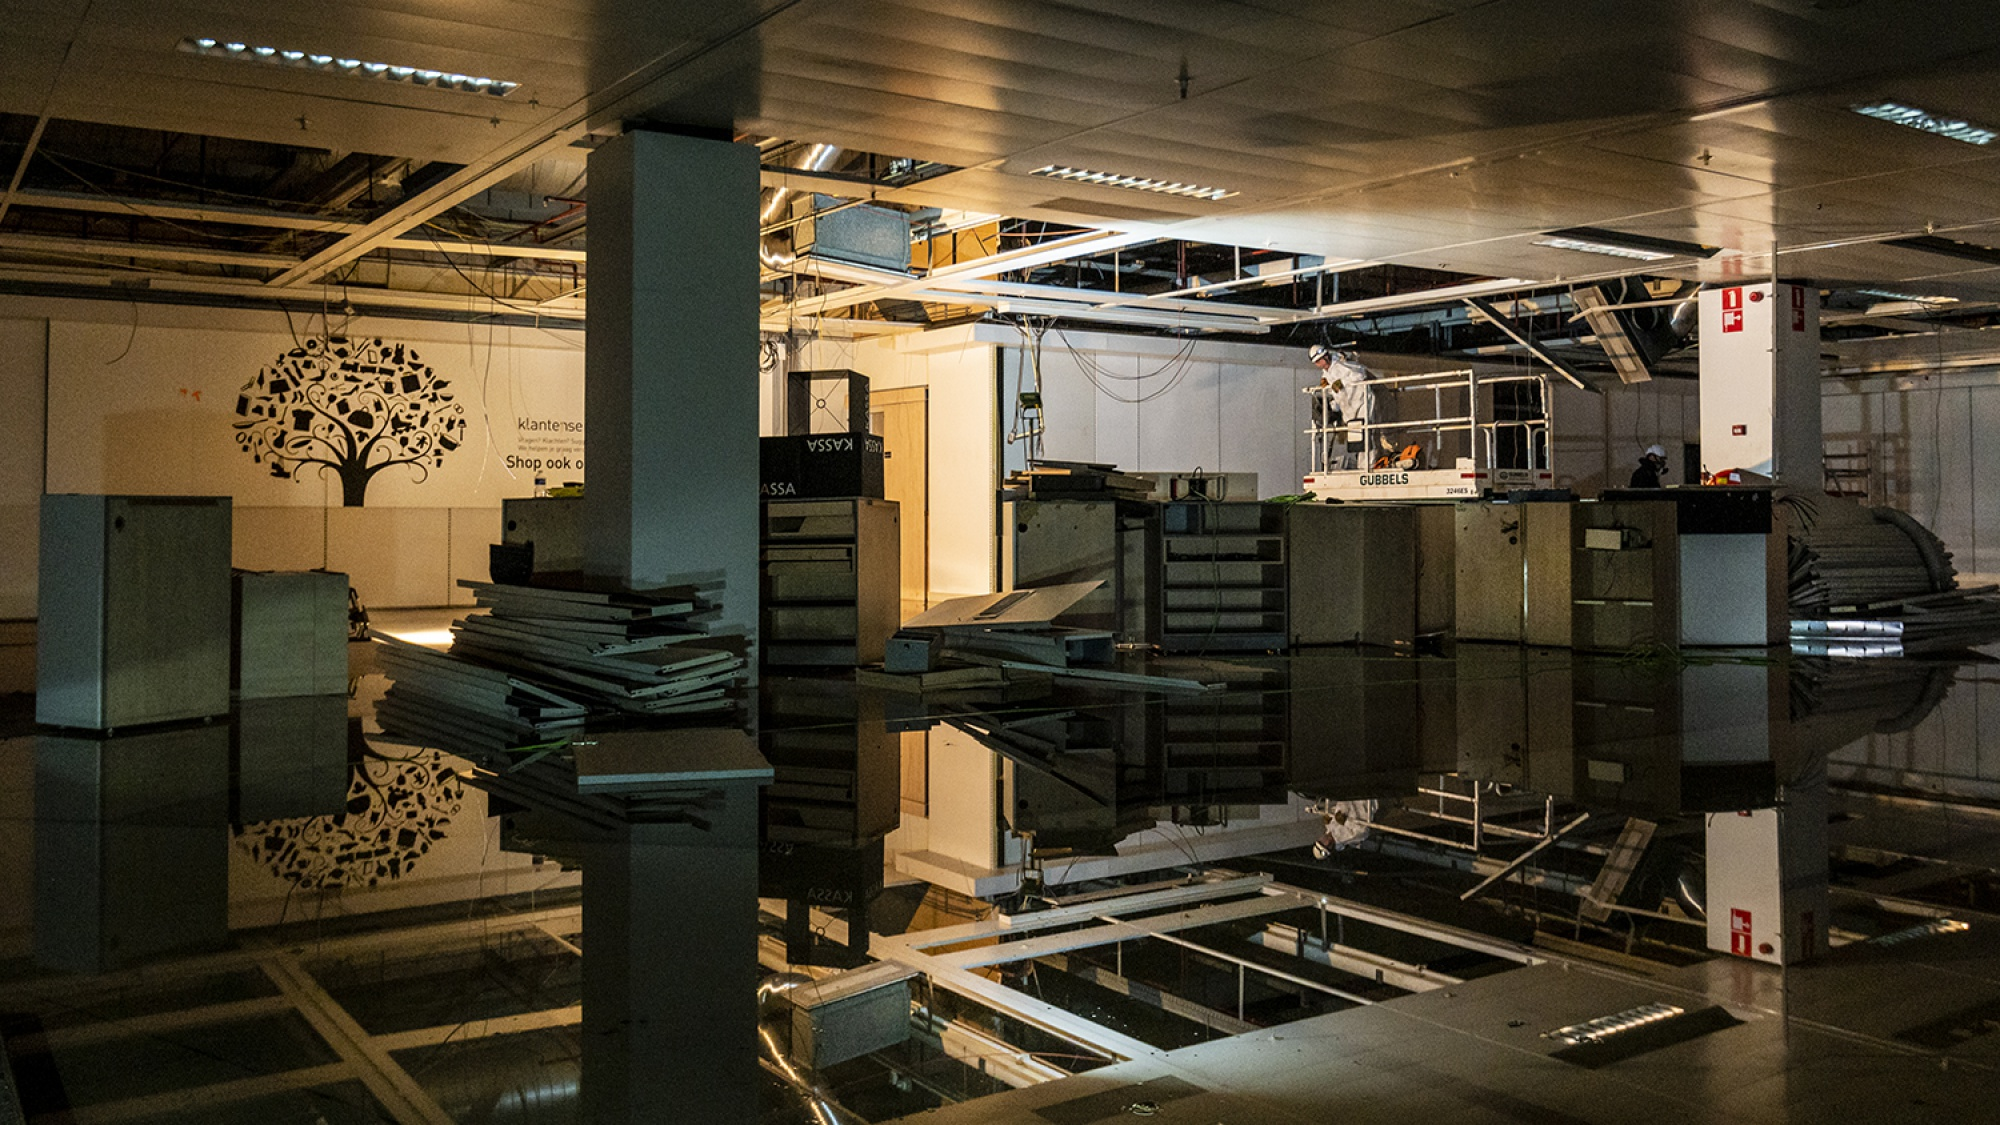 De kelder van het voormalige V&D-pand die vol staat met archiefkasten en water